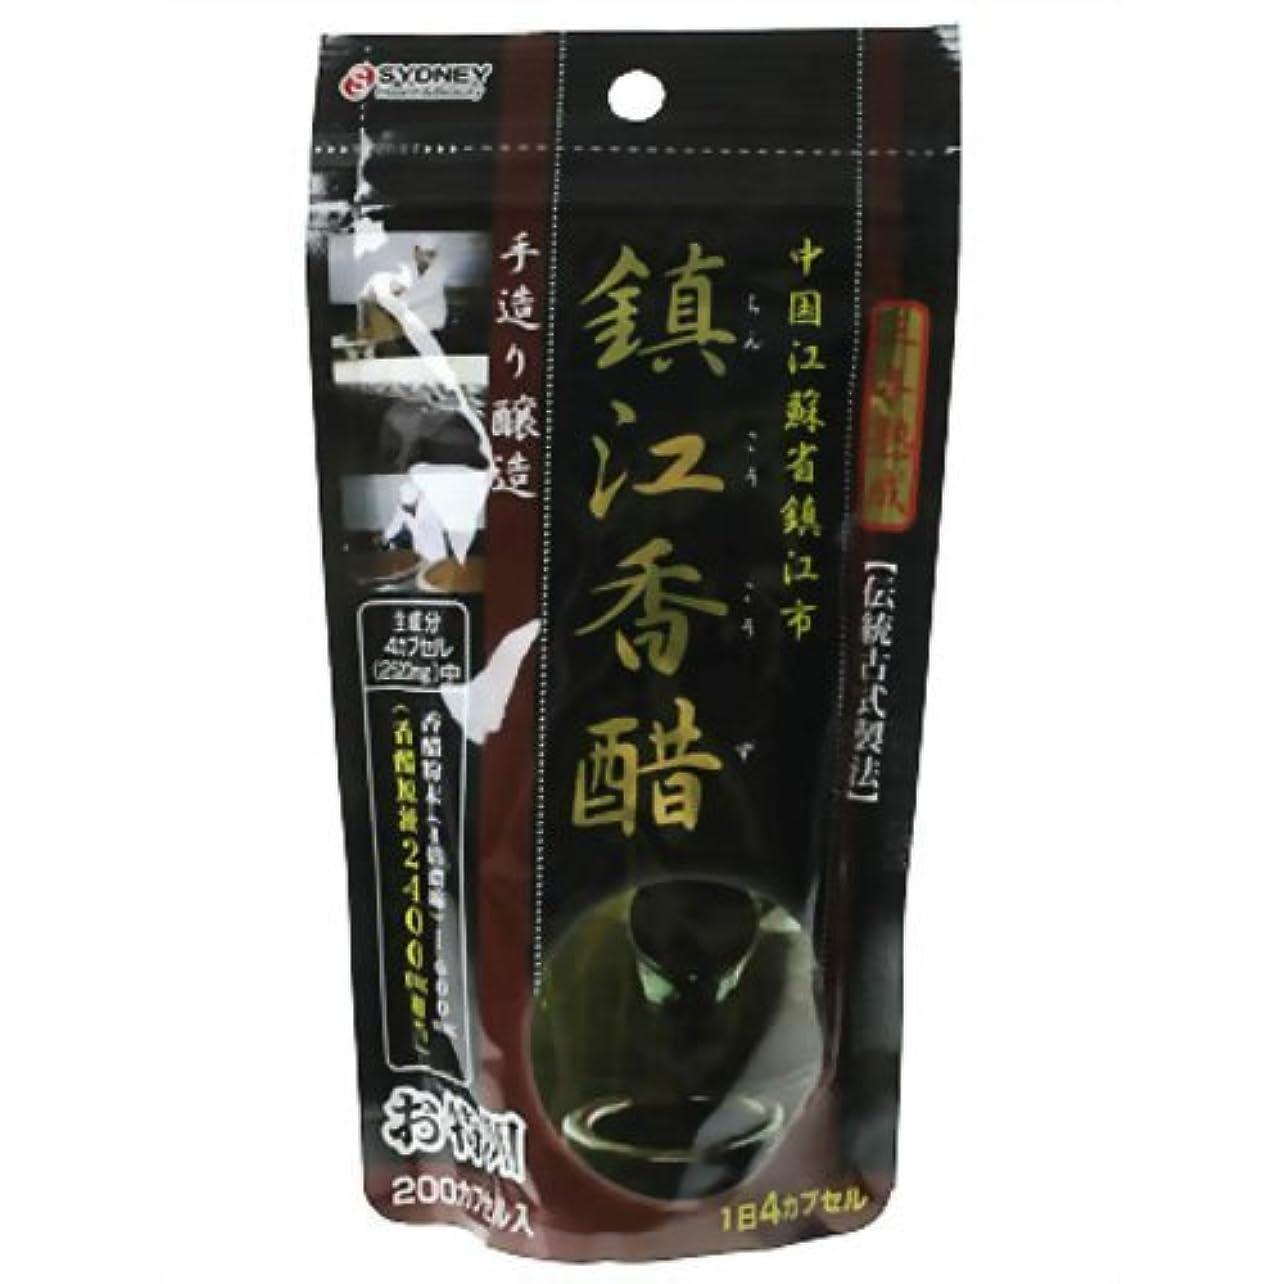 口径効果的に守る鎮江香酢(三年熟成?伝統古式製法) 200カプセル